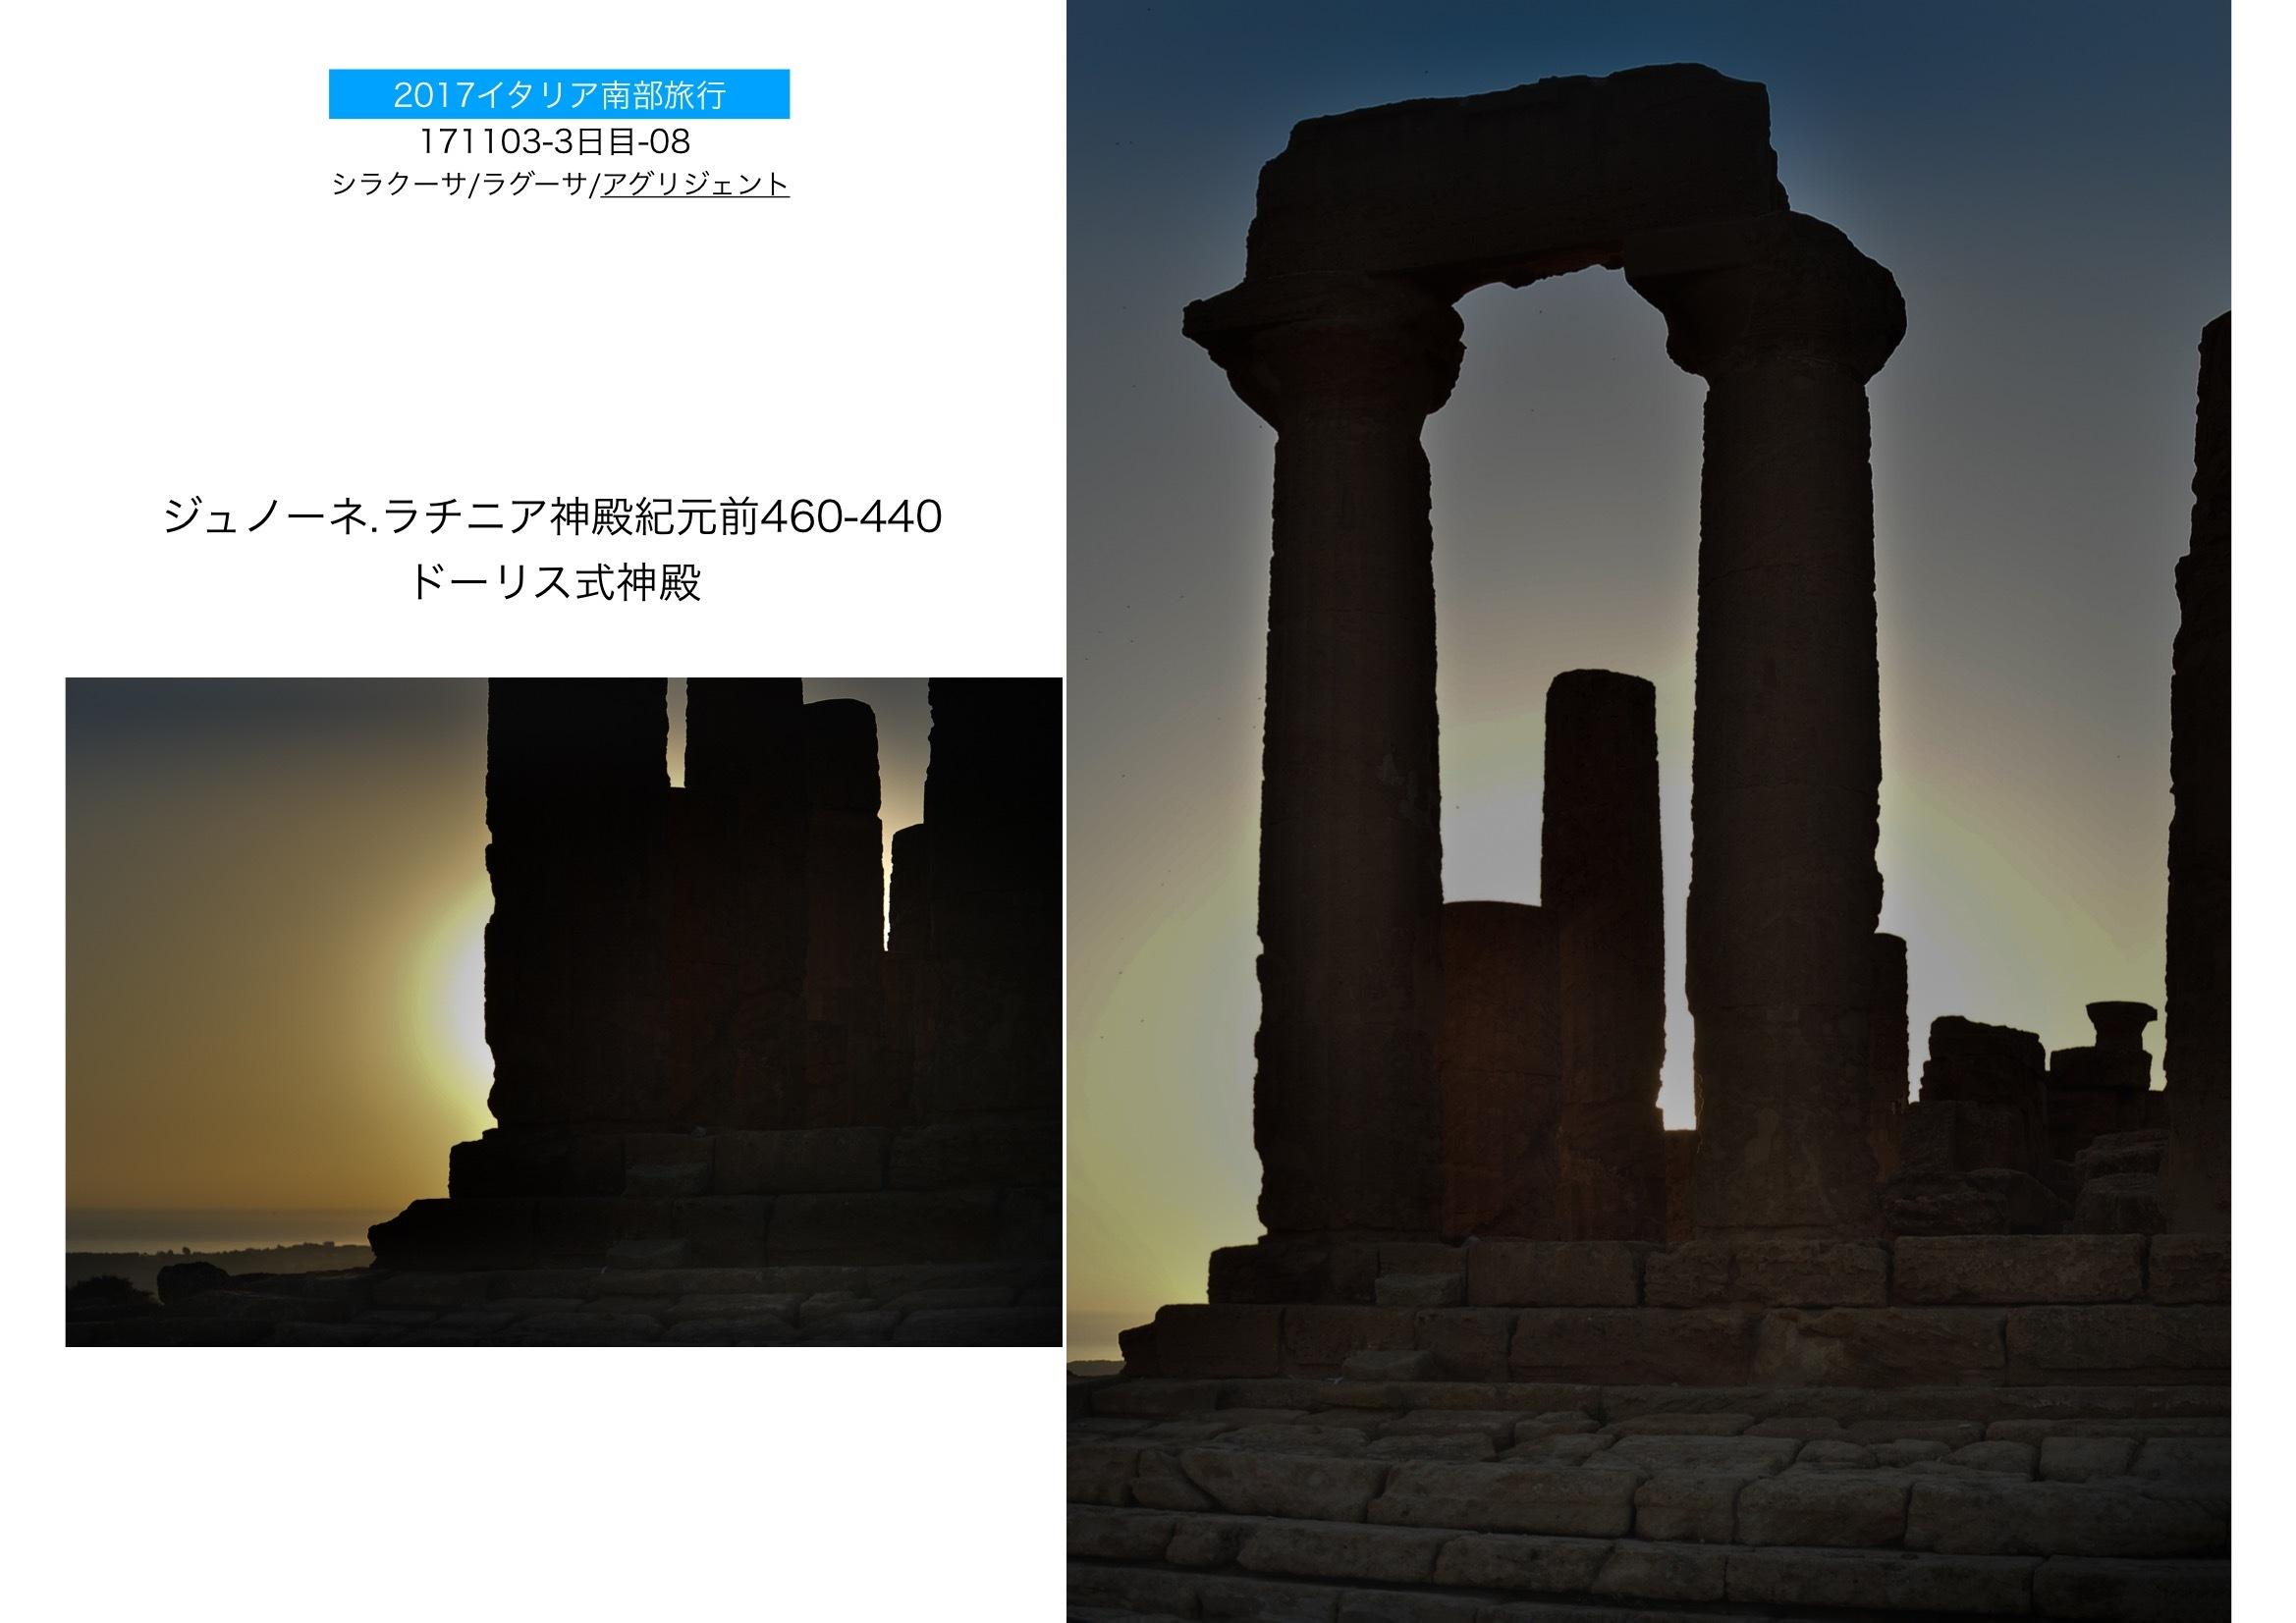 イタリア南部3000年の歴史遺構を訪ねて...3日目_f0099102_14453931.jpeg